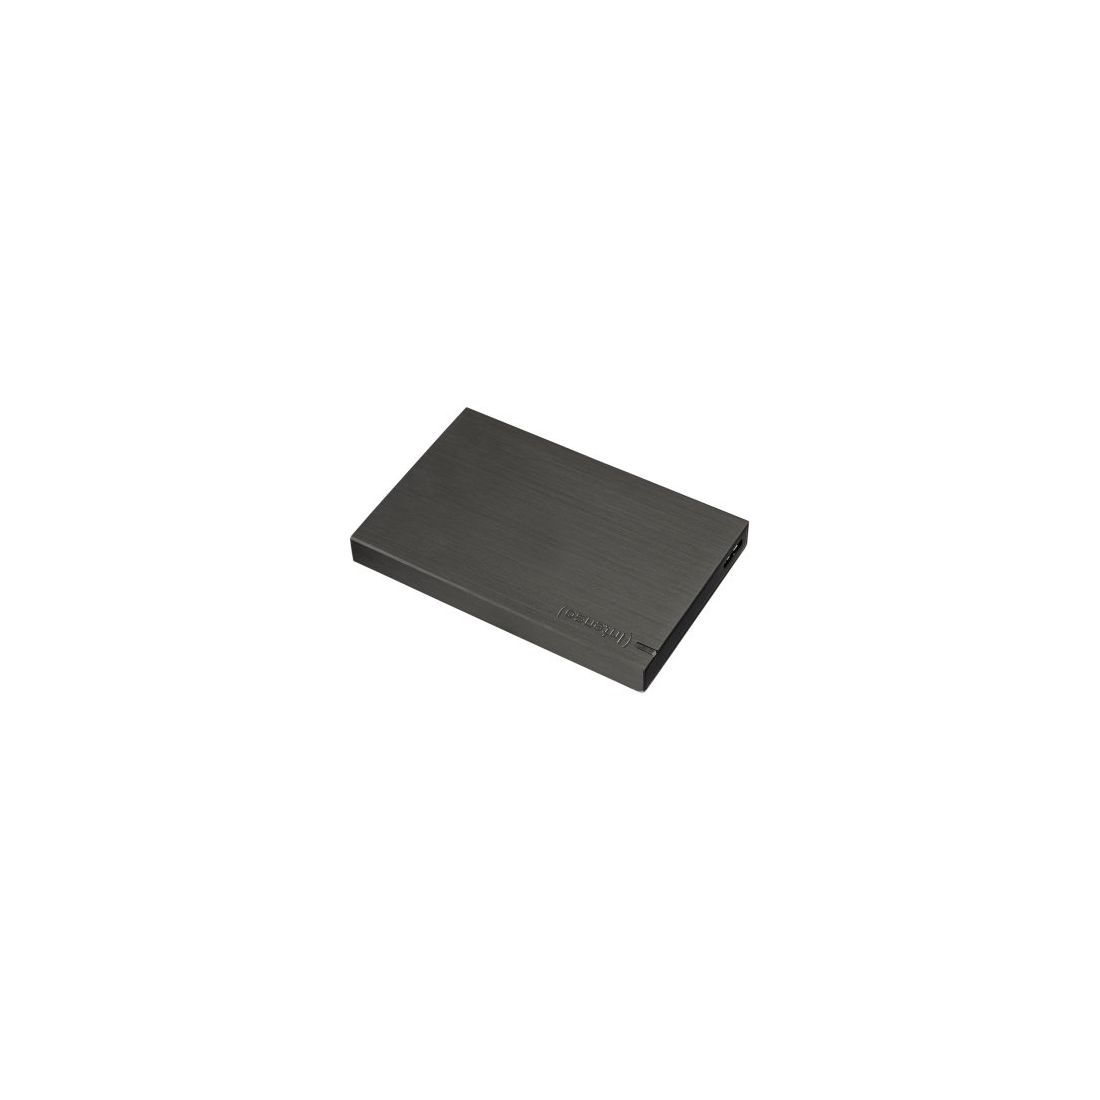 Intenso HDD 6028660 1TB 25 USB 30 Memory Board